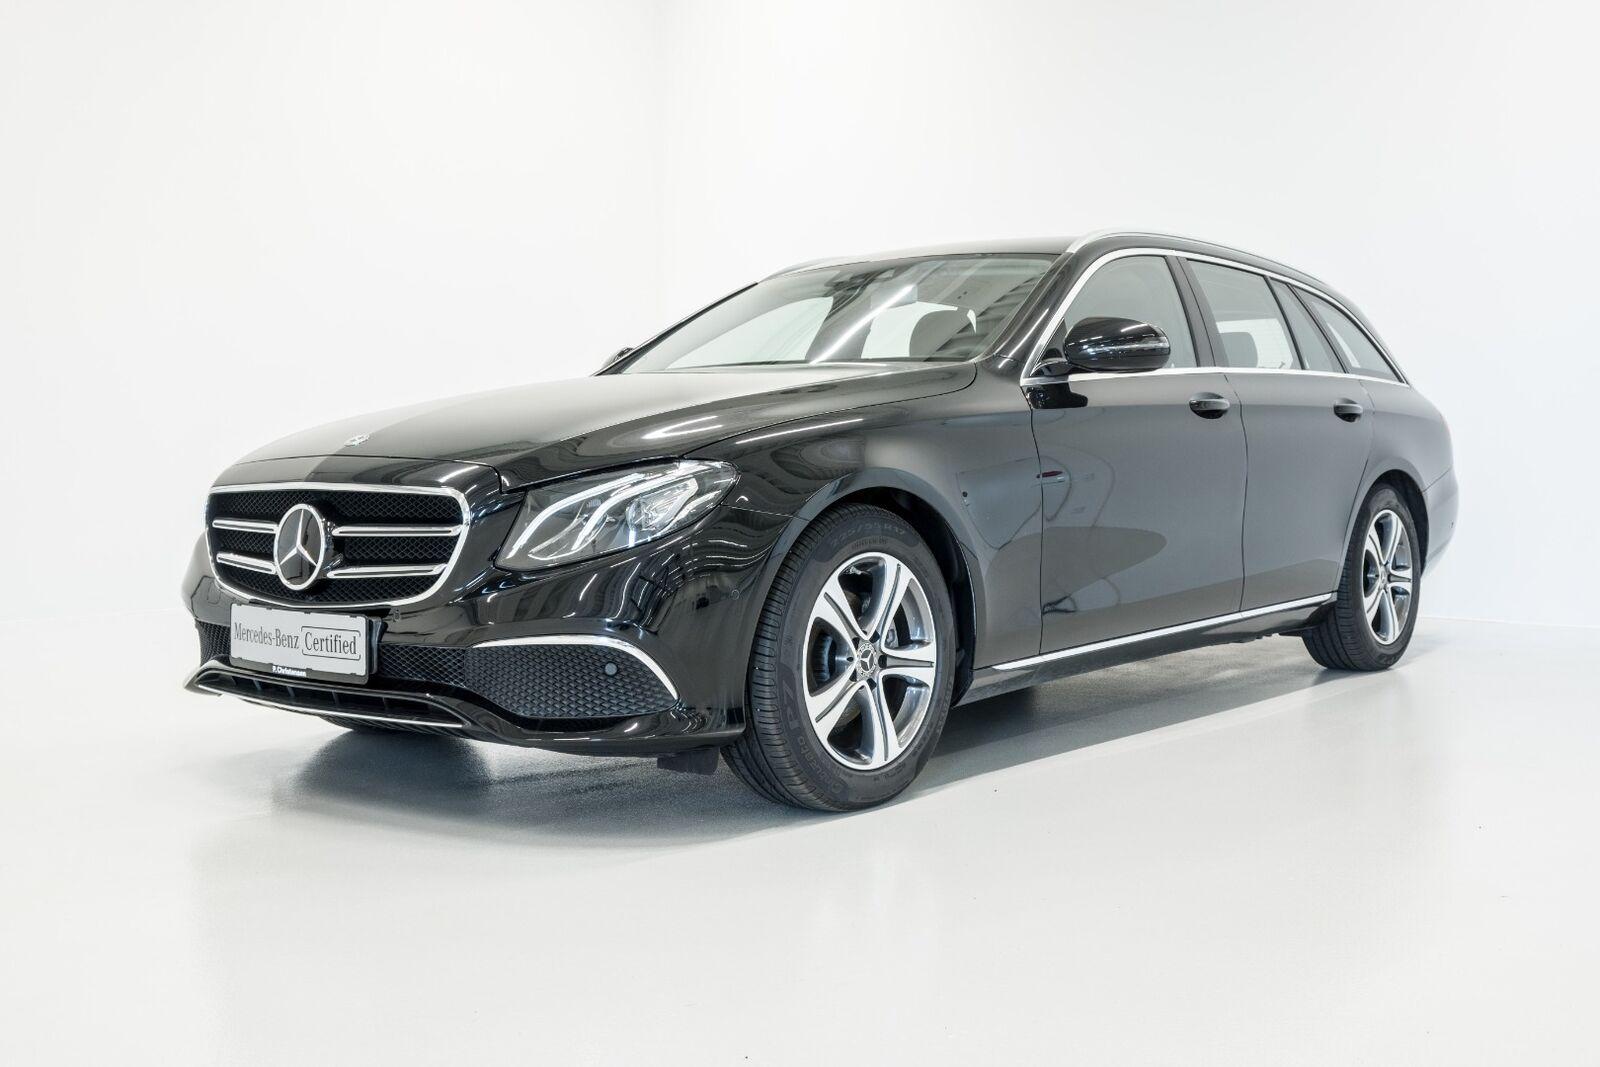 Mercedes E220 d 2,0 stc. aut. 5d - 539.900 kr.